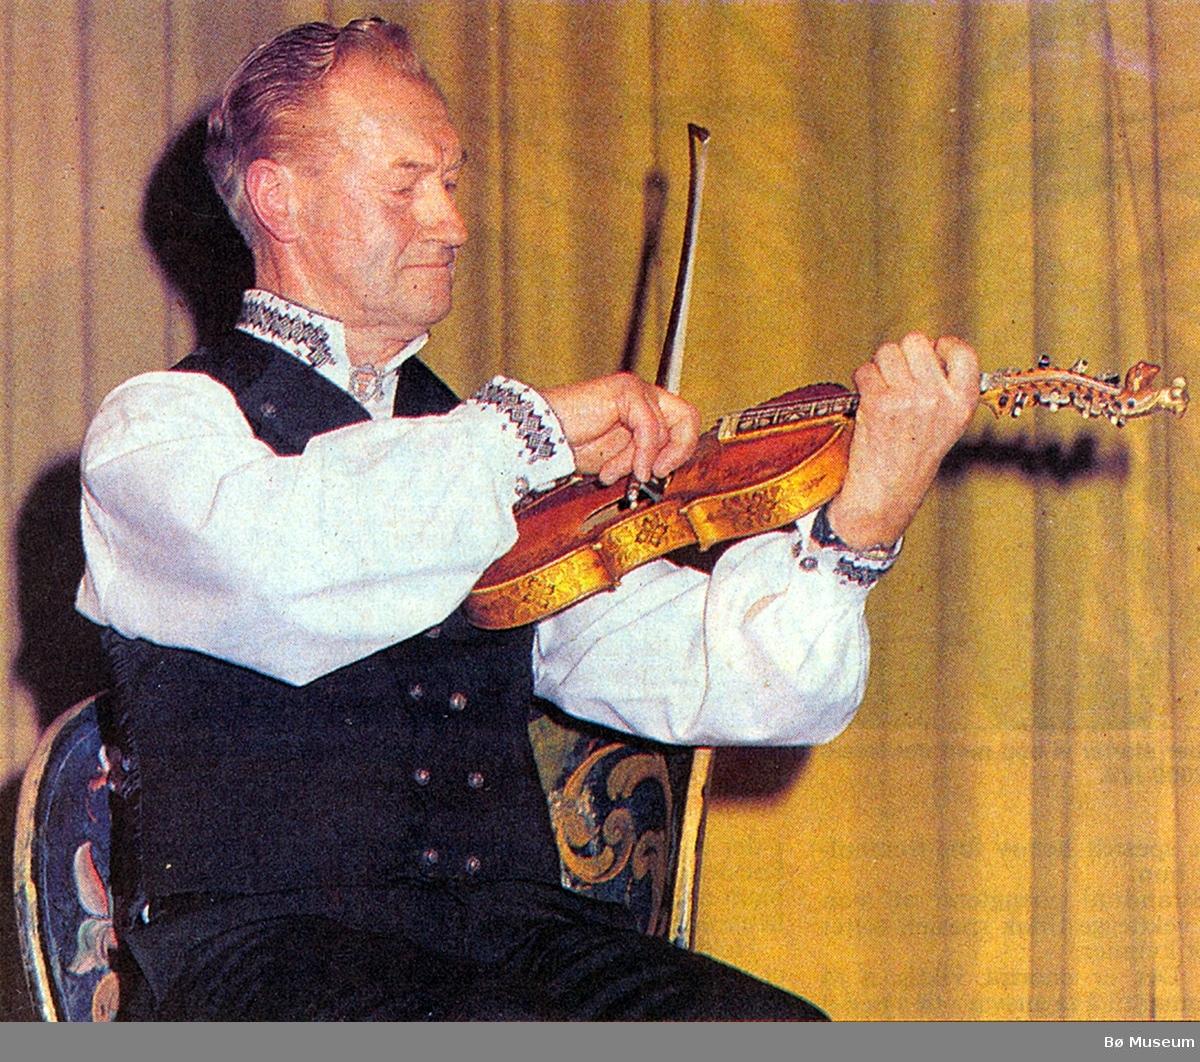 """Sveinung H. Dalen spelar """"Tjugedalaren"""" på minnekonserten for Jens Amundsen i 1991 på Sandvin. Sveinung spela mykje saman med Jens gjennom mange år. Her sit han på kubbestolen frå Borgja og spelar på Helland-fela """"Kjempa""""."""